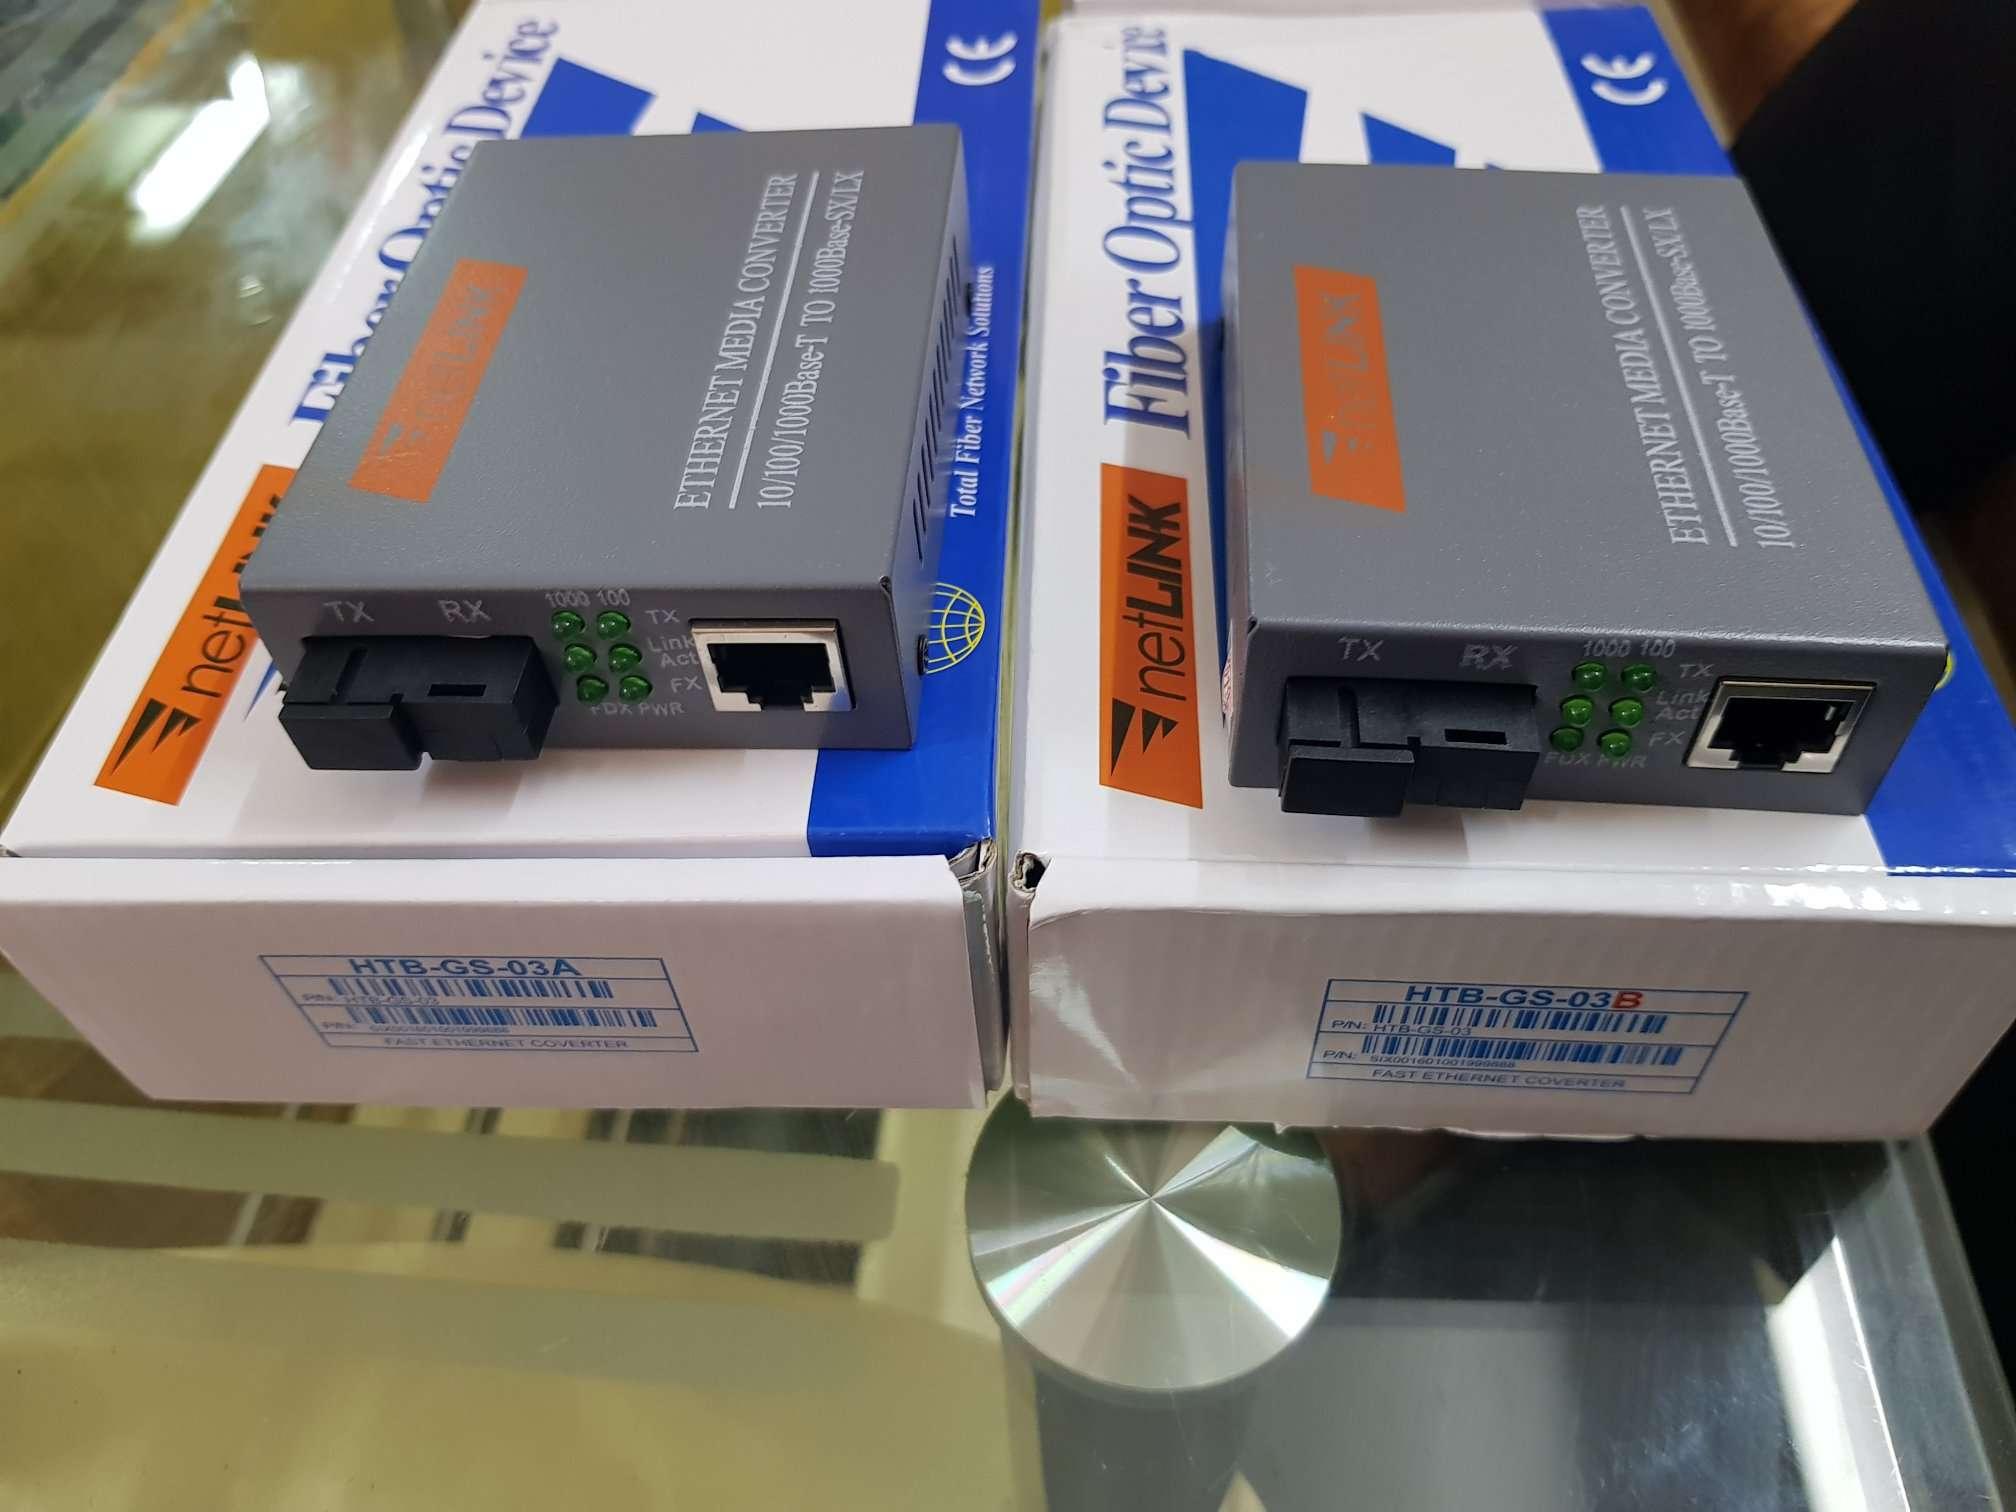 Bộ chuyển đổi quang điện netlink